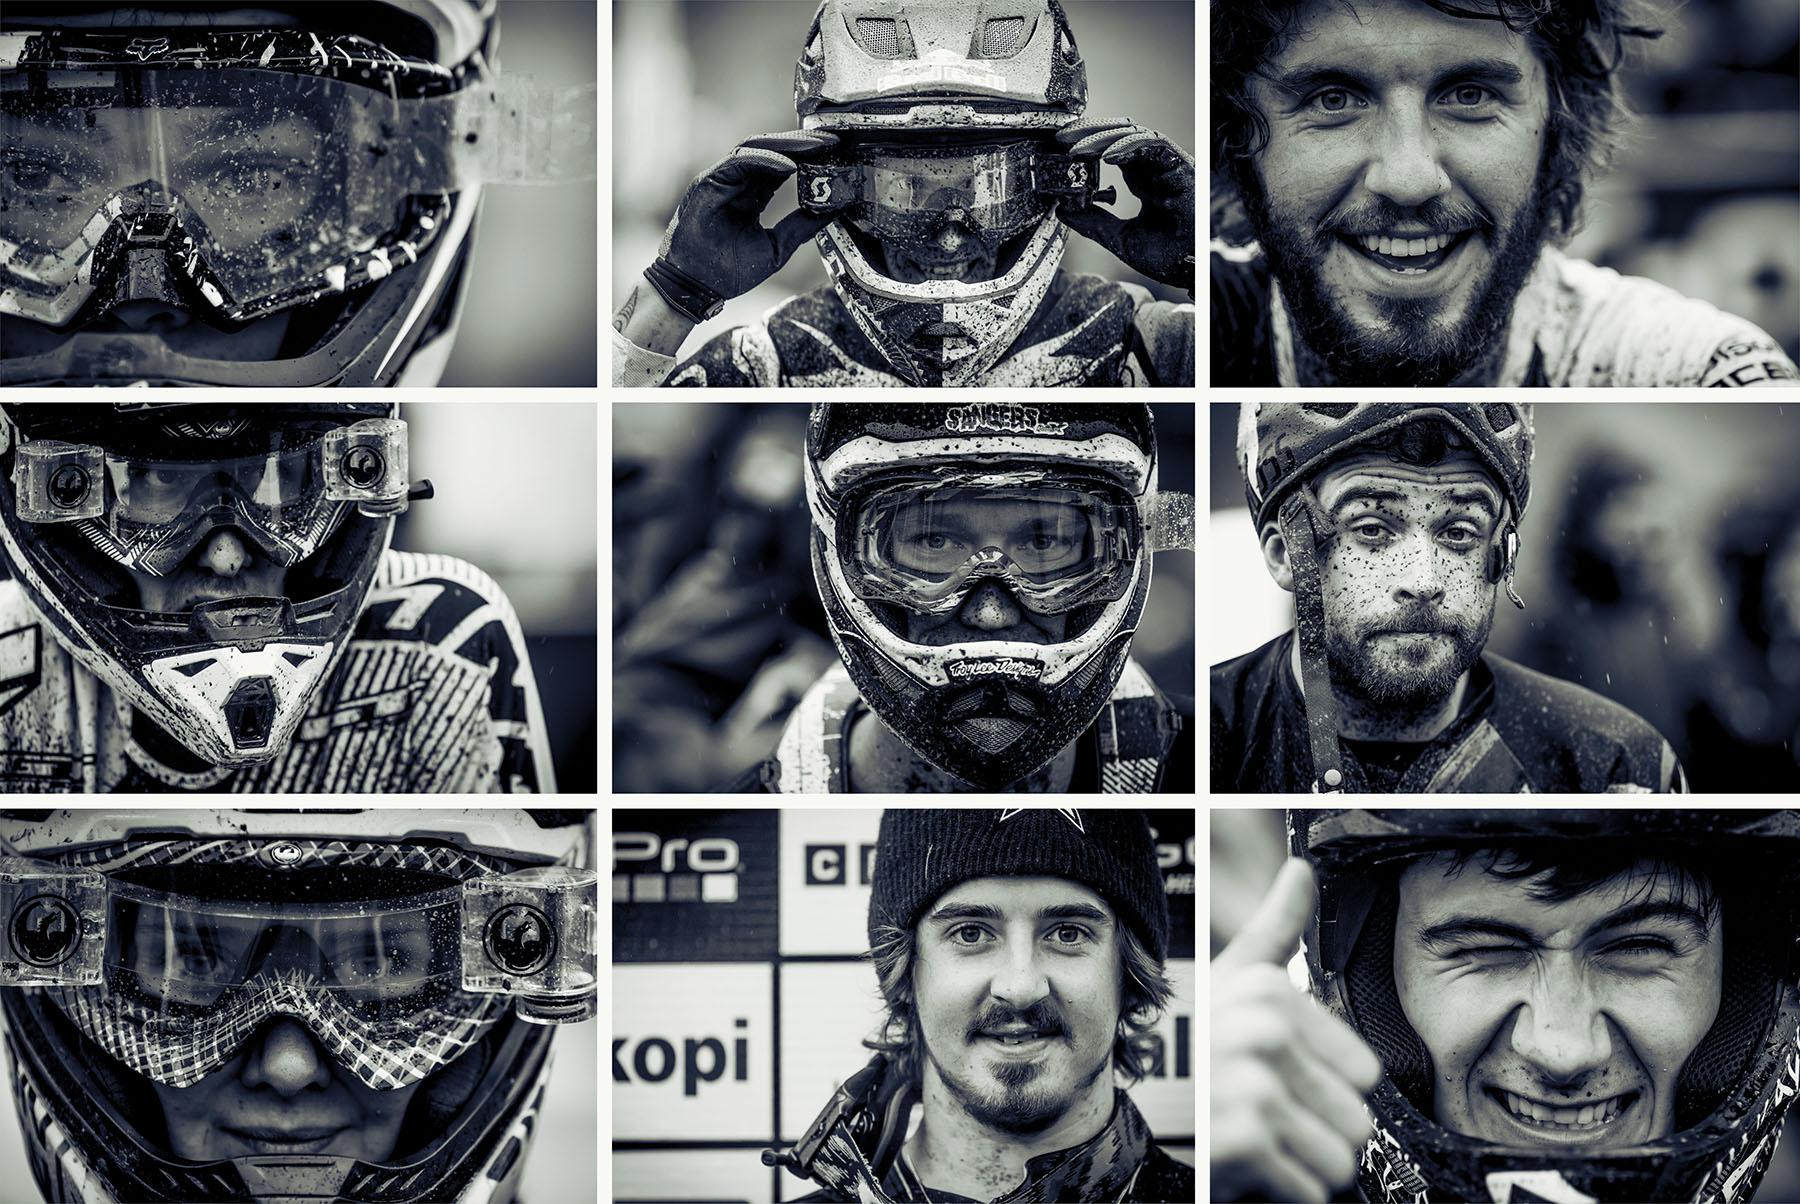 Rennfahrer-Gesichter beschreiben den World Cup am besten: Glücklich, erleichtert, aufgeregt und enttäuscht kommen die Fahrer ins Ziel.